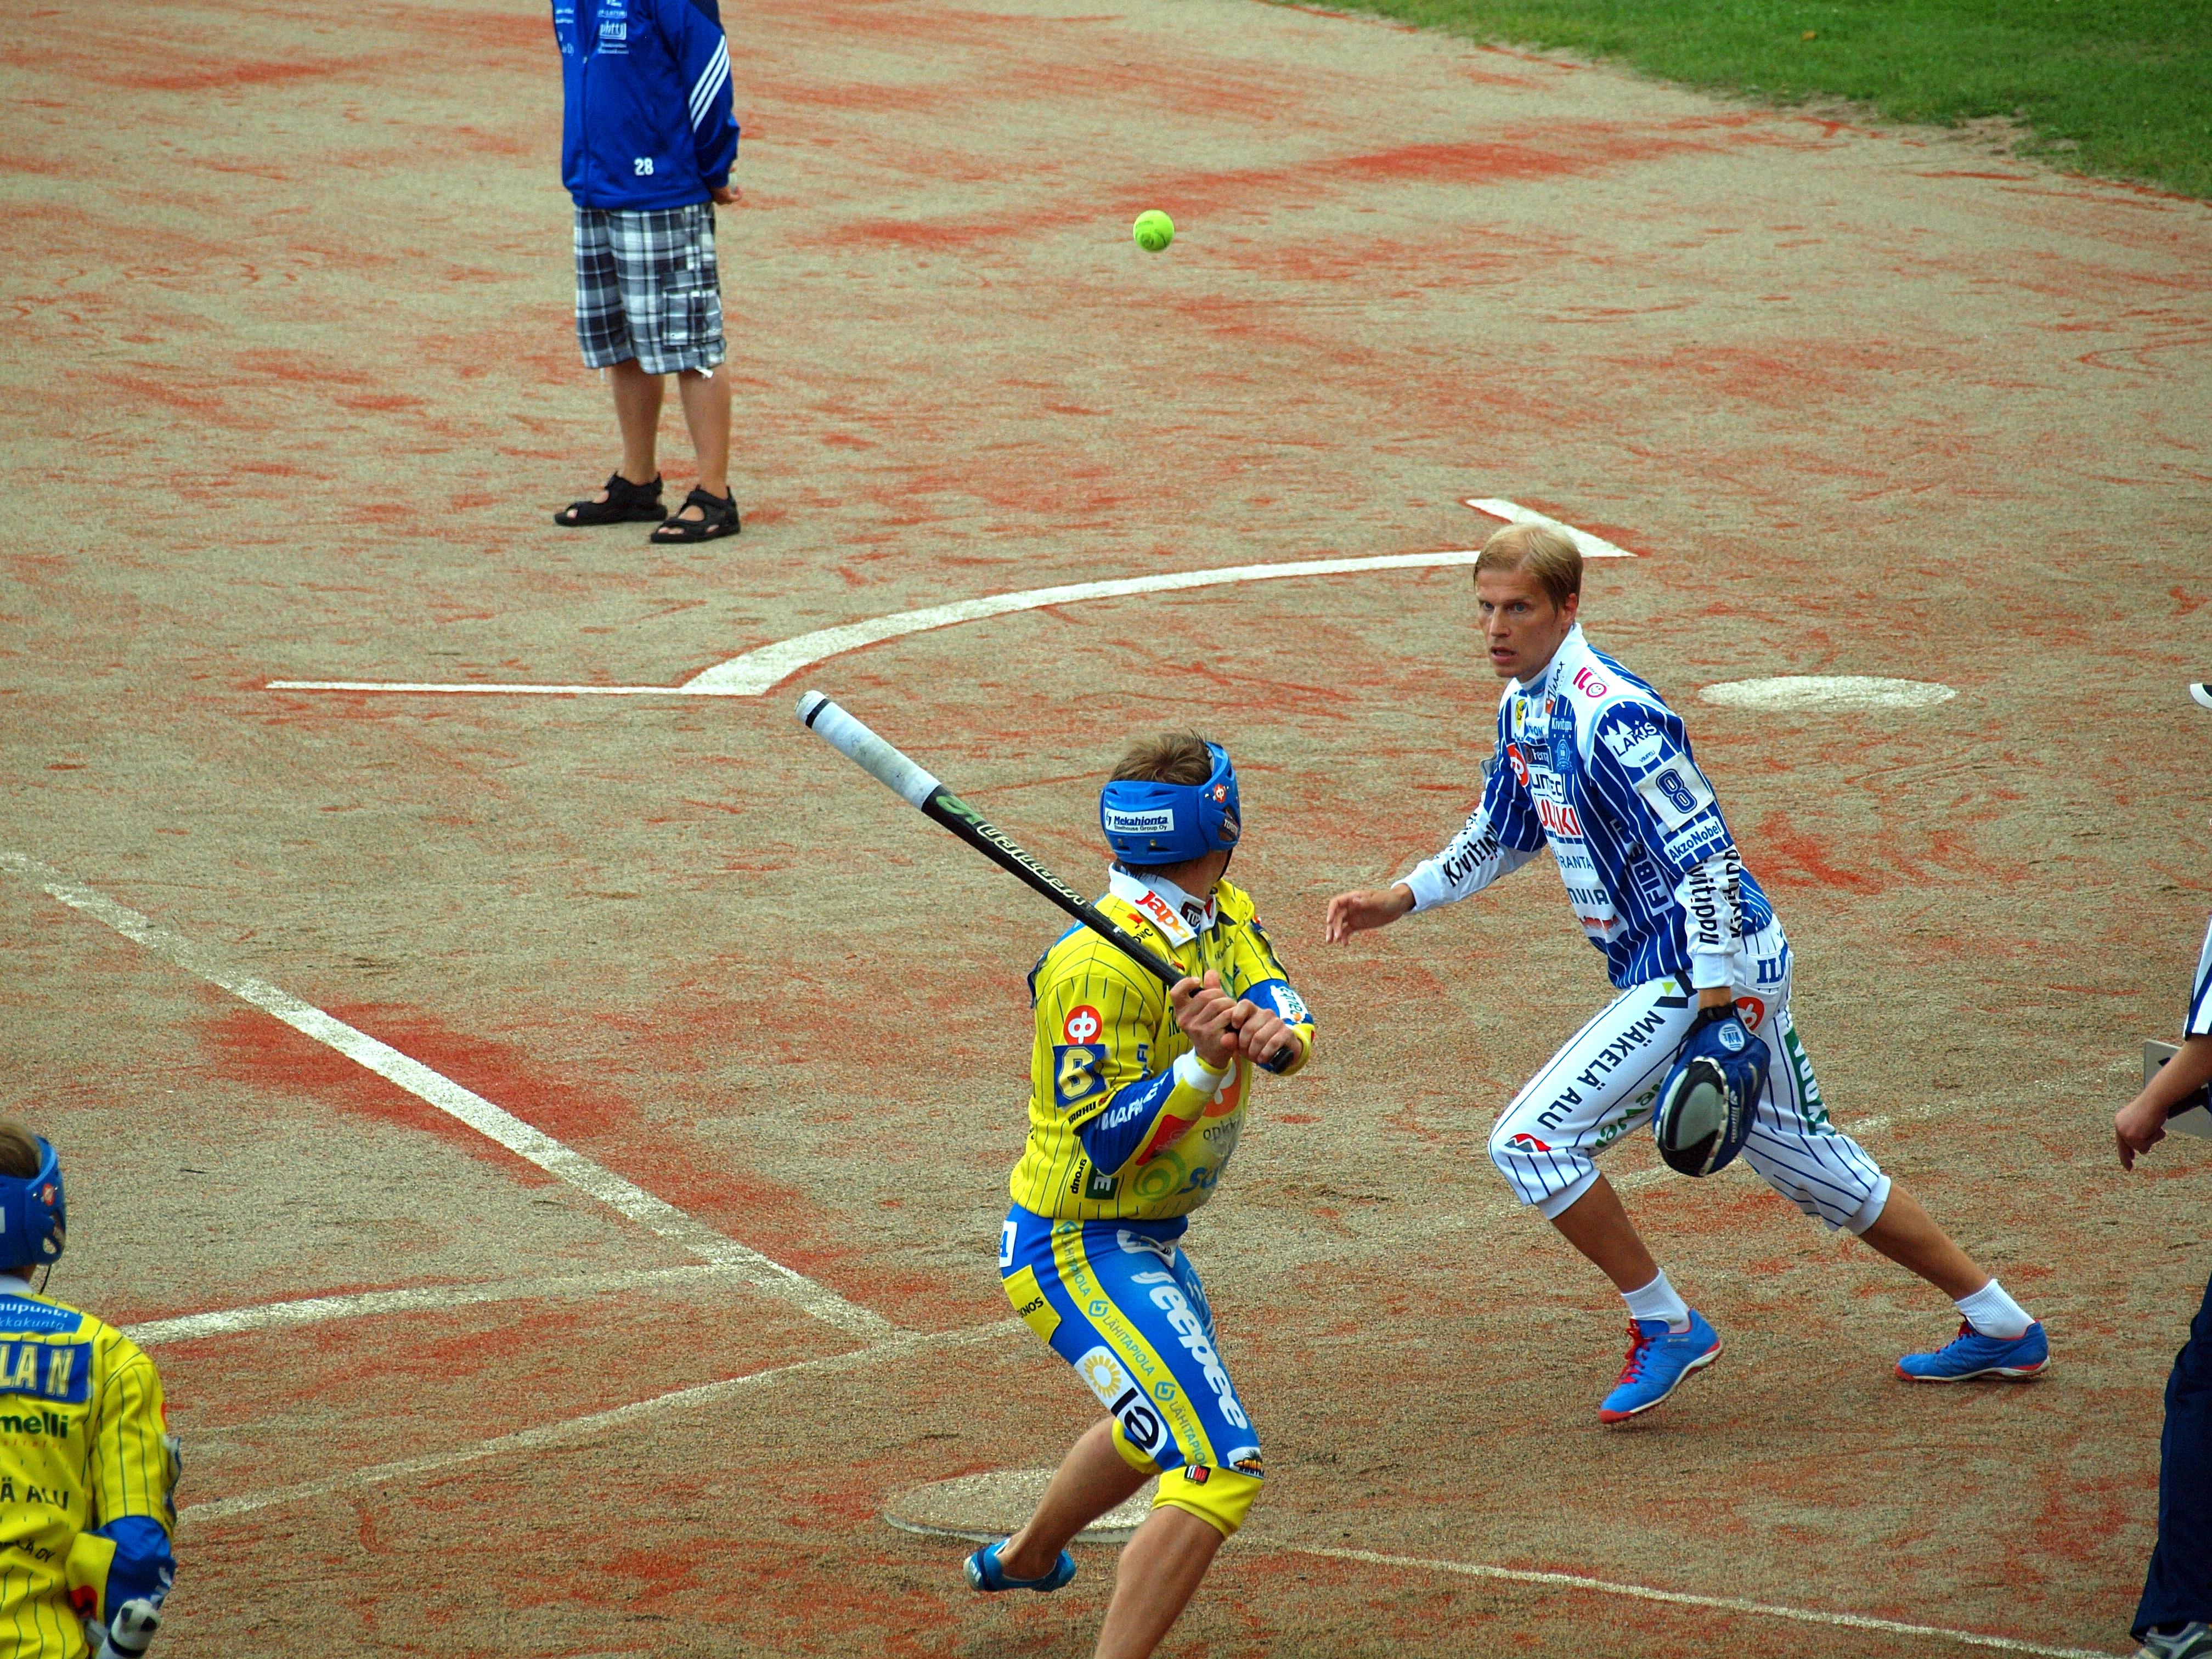 Alajärven Ankkurit - Vimpelin Veto pesäpallo-ottelu 10.8.2014. Santeri Viinamäki, CC BY 3.0 via Wikimedia Commons